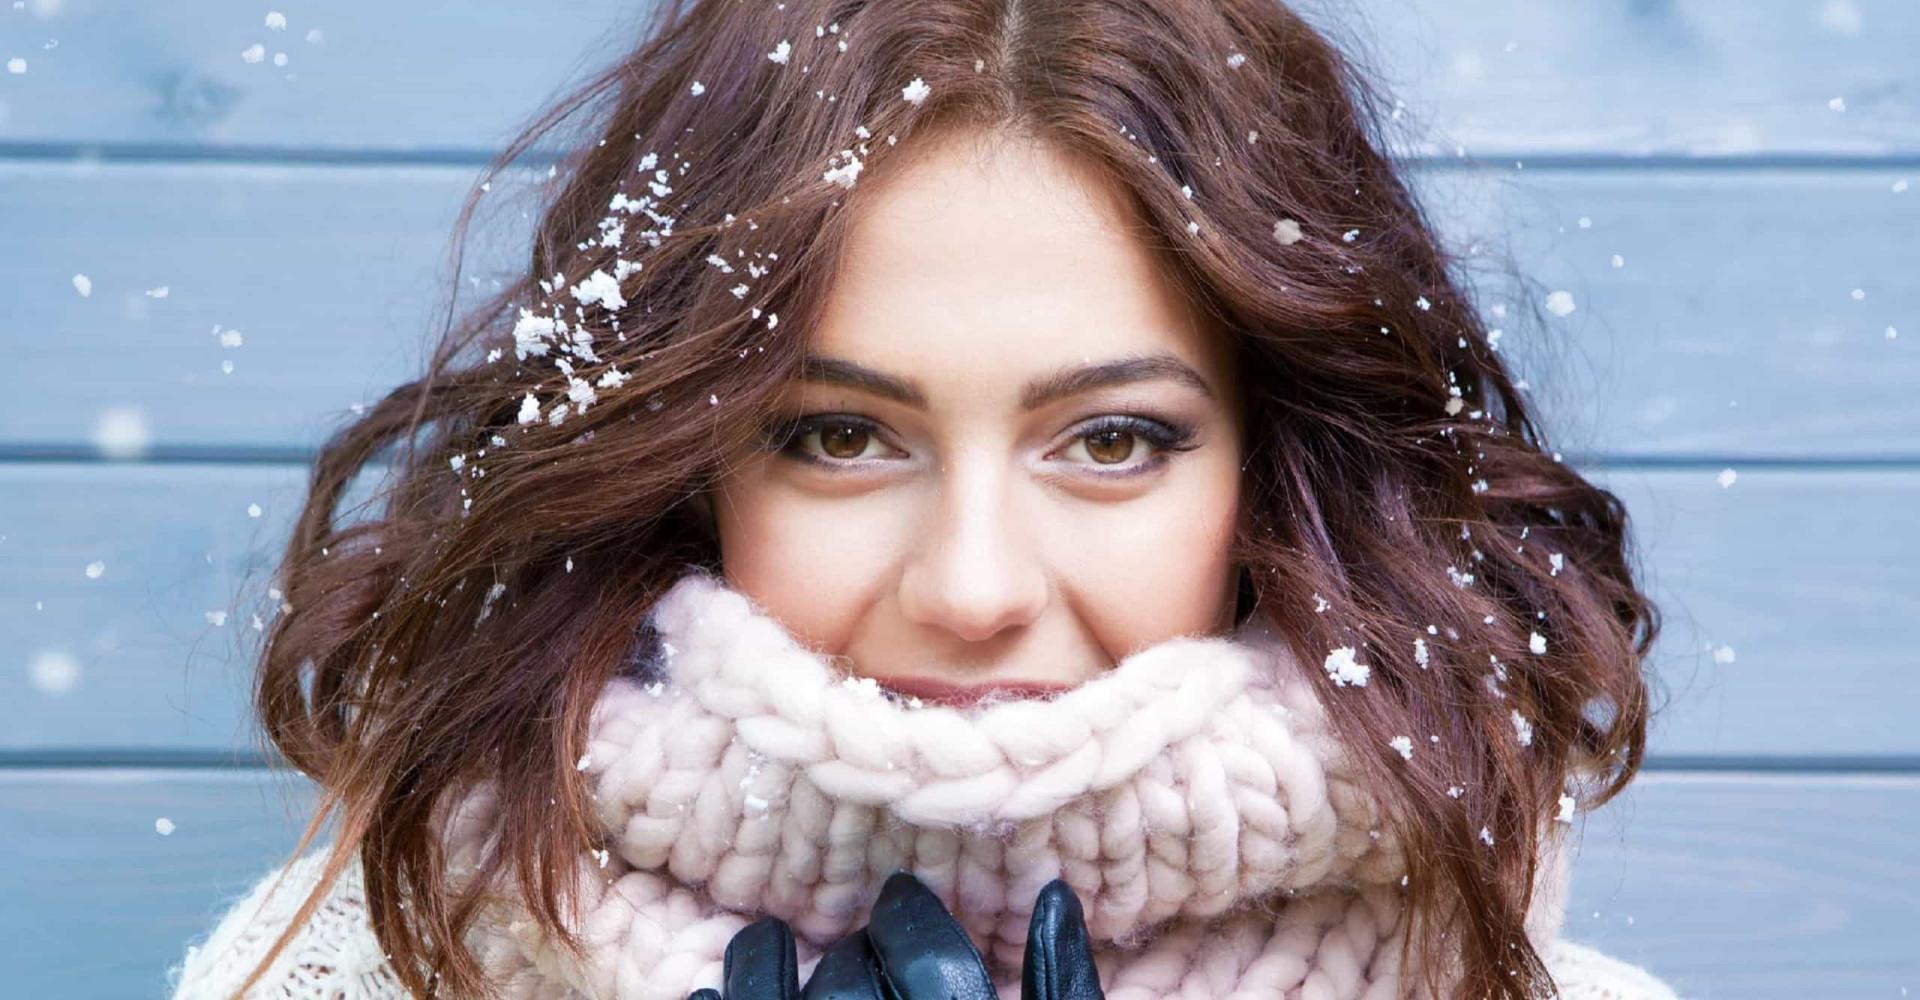 Waarom de winter zo slecht is voor je huid